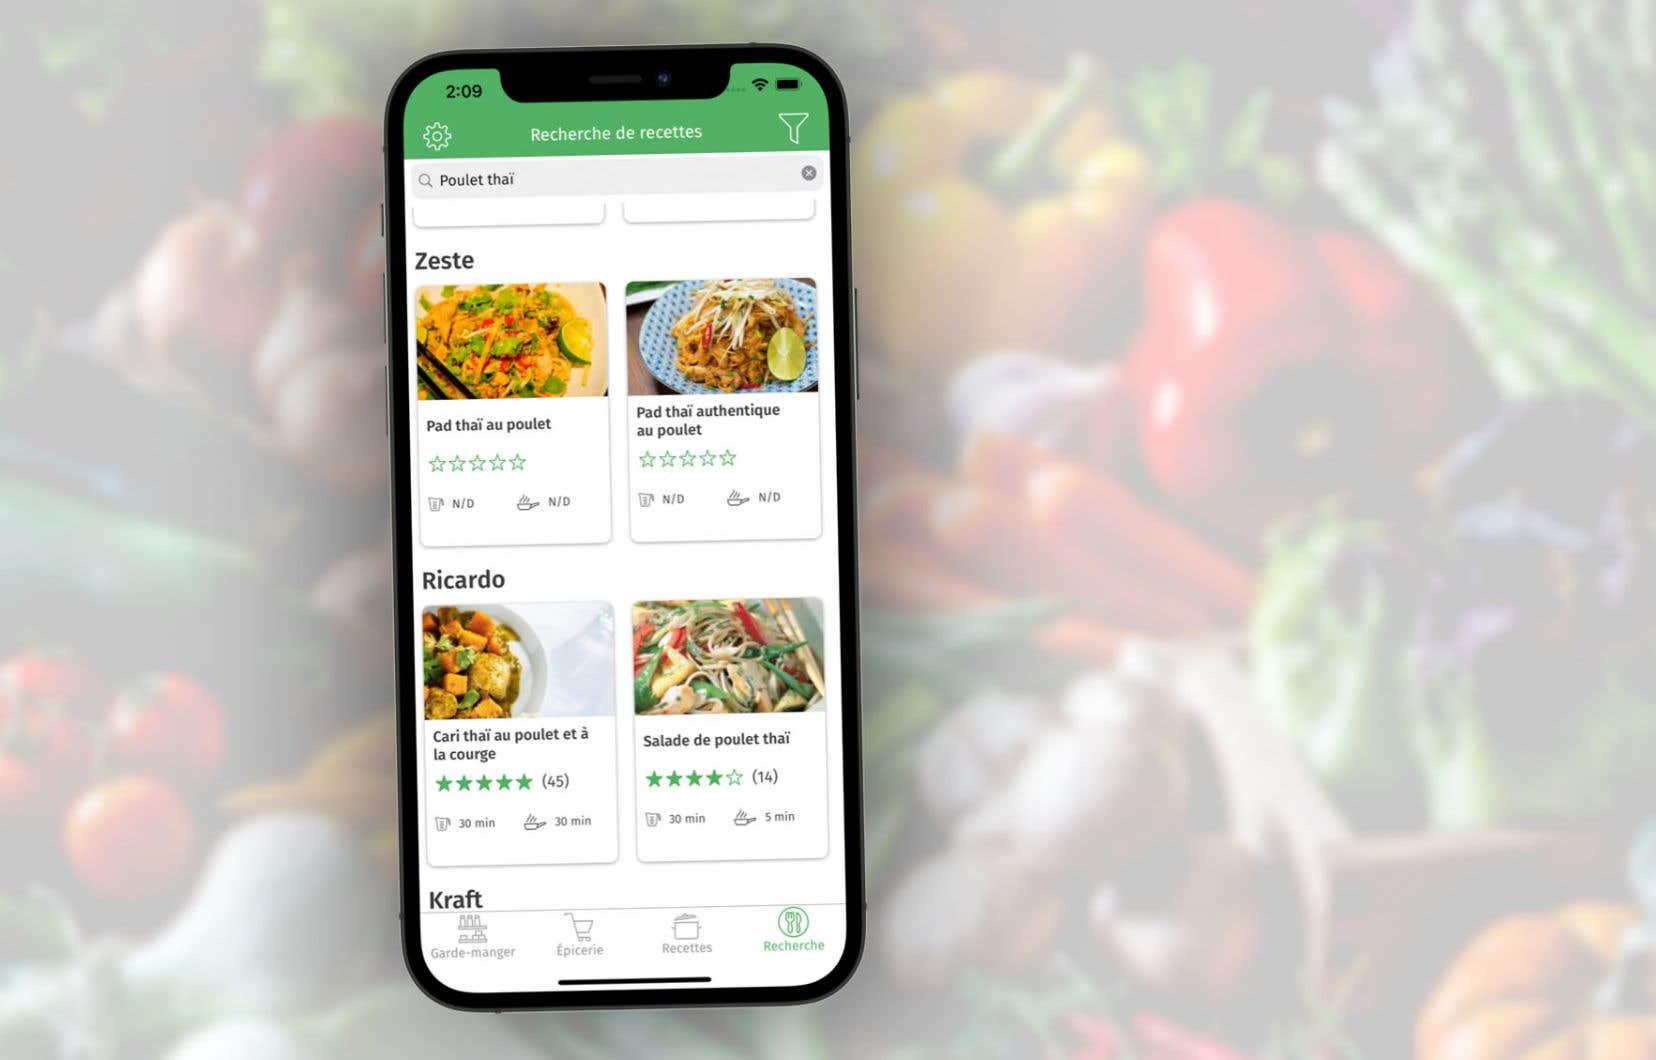 L'application Cuisine vise à aider les consommateurs à optimiser leurs achats alimentaires en affichant les rabais de la circulaire des épiciers de la province et en proposant les recettes de plusieurs sites de cuisine pour trouver un moyen d'utiliser des aliments de son frigo dont on ne sait trop que faire.